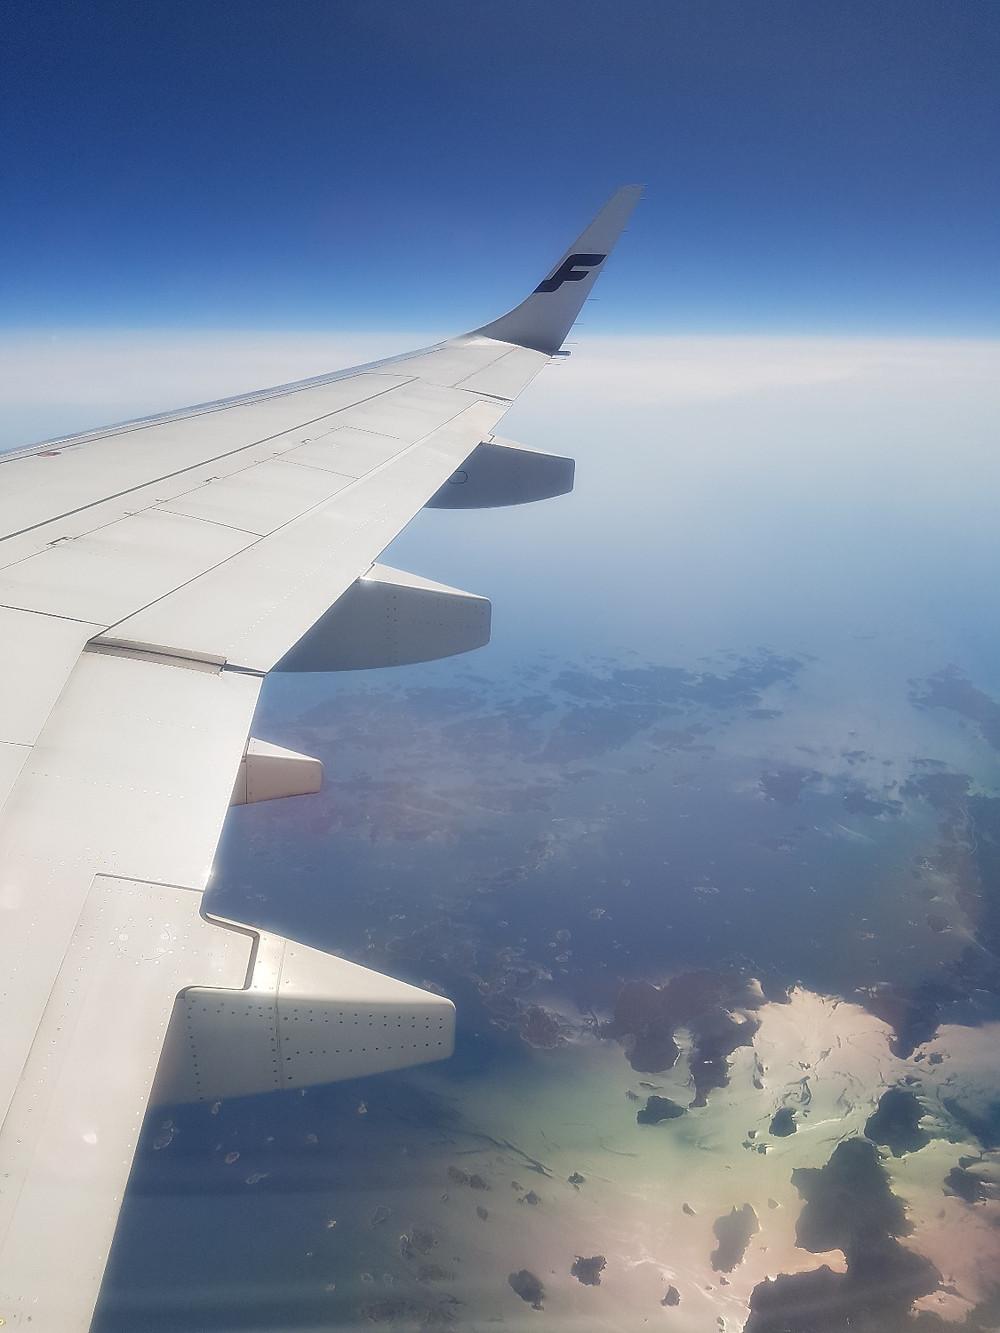 Finnair flight to Helsinki, Finland